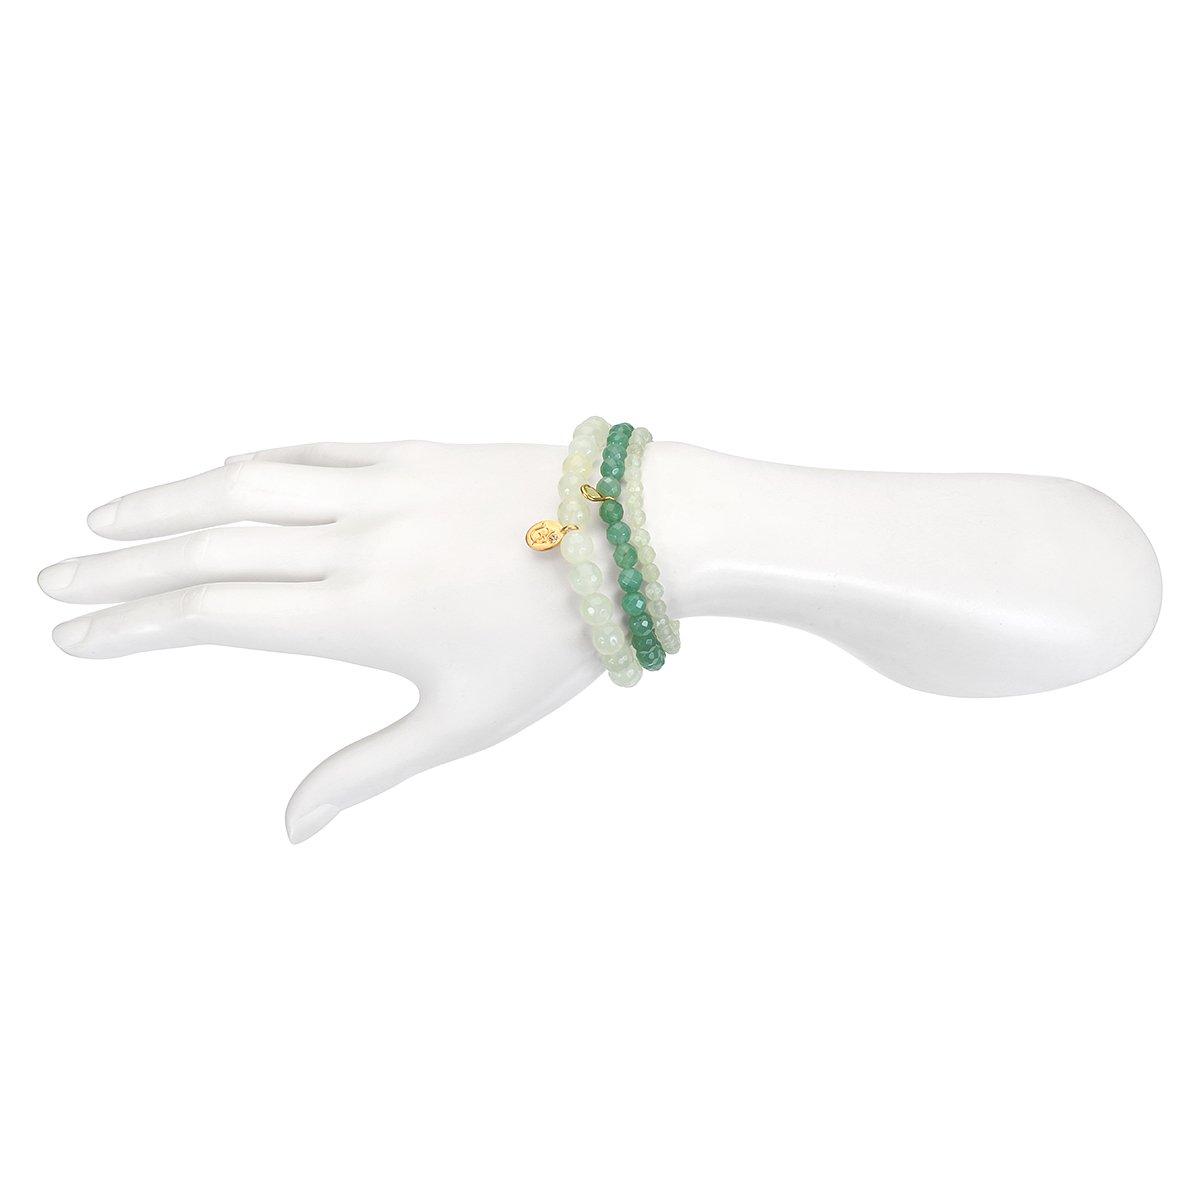 Satya Jewelry Womens New Jade Gold Om Stretch Bracelet Set, Green, One Size by Satya Jewelry (Image #2)